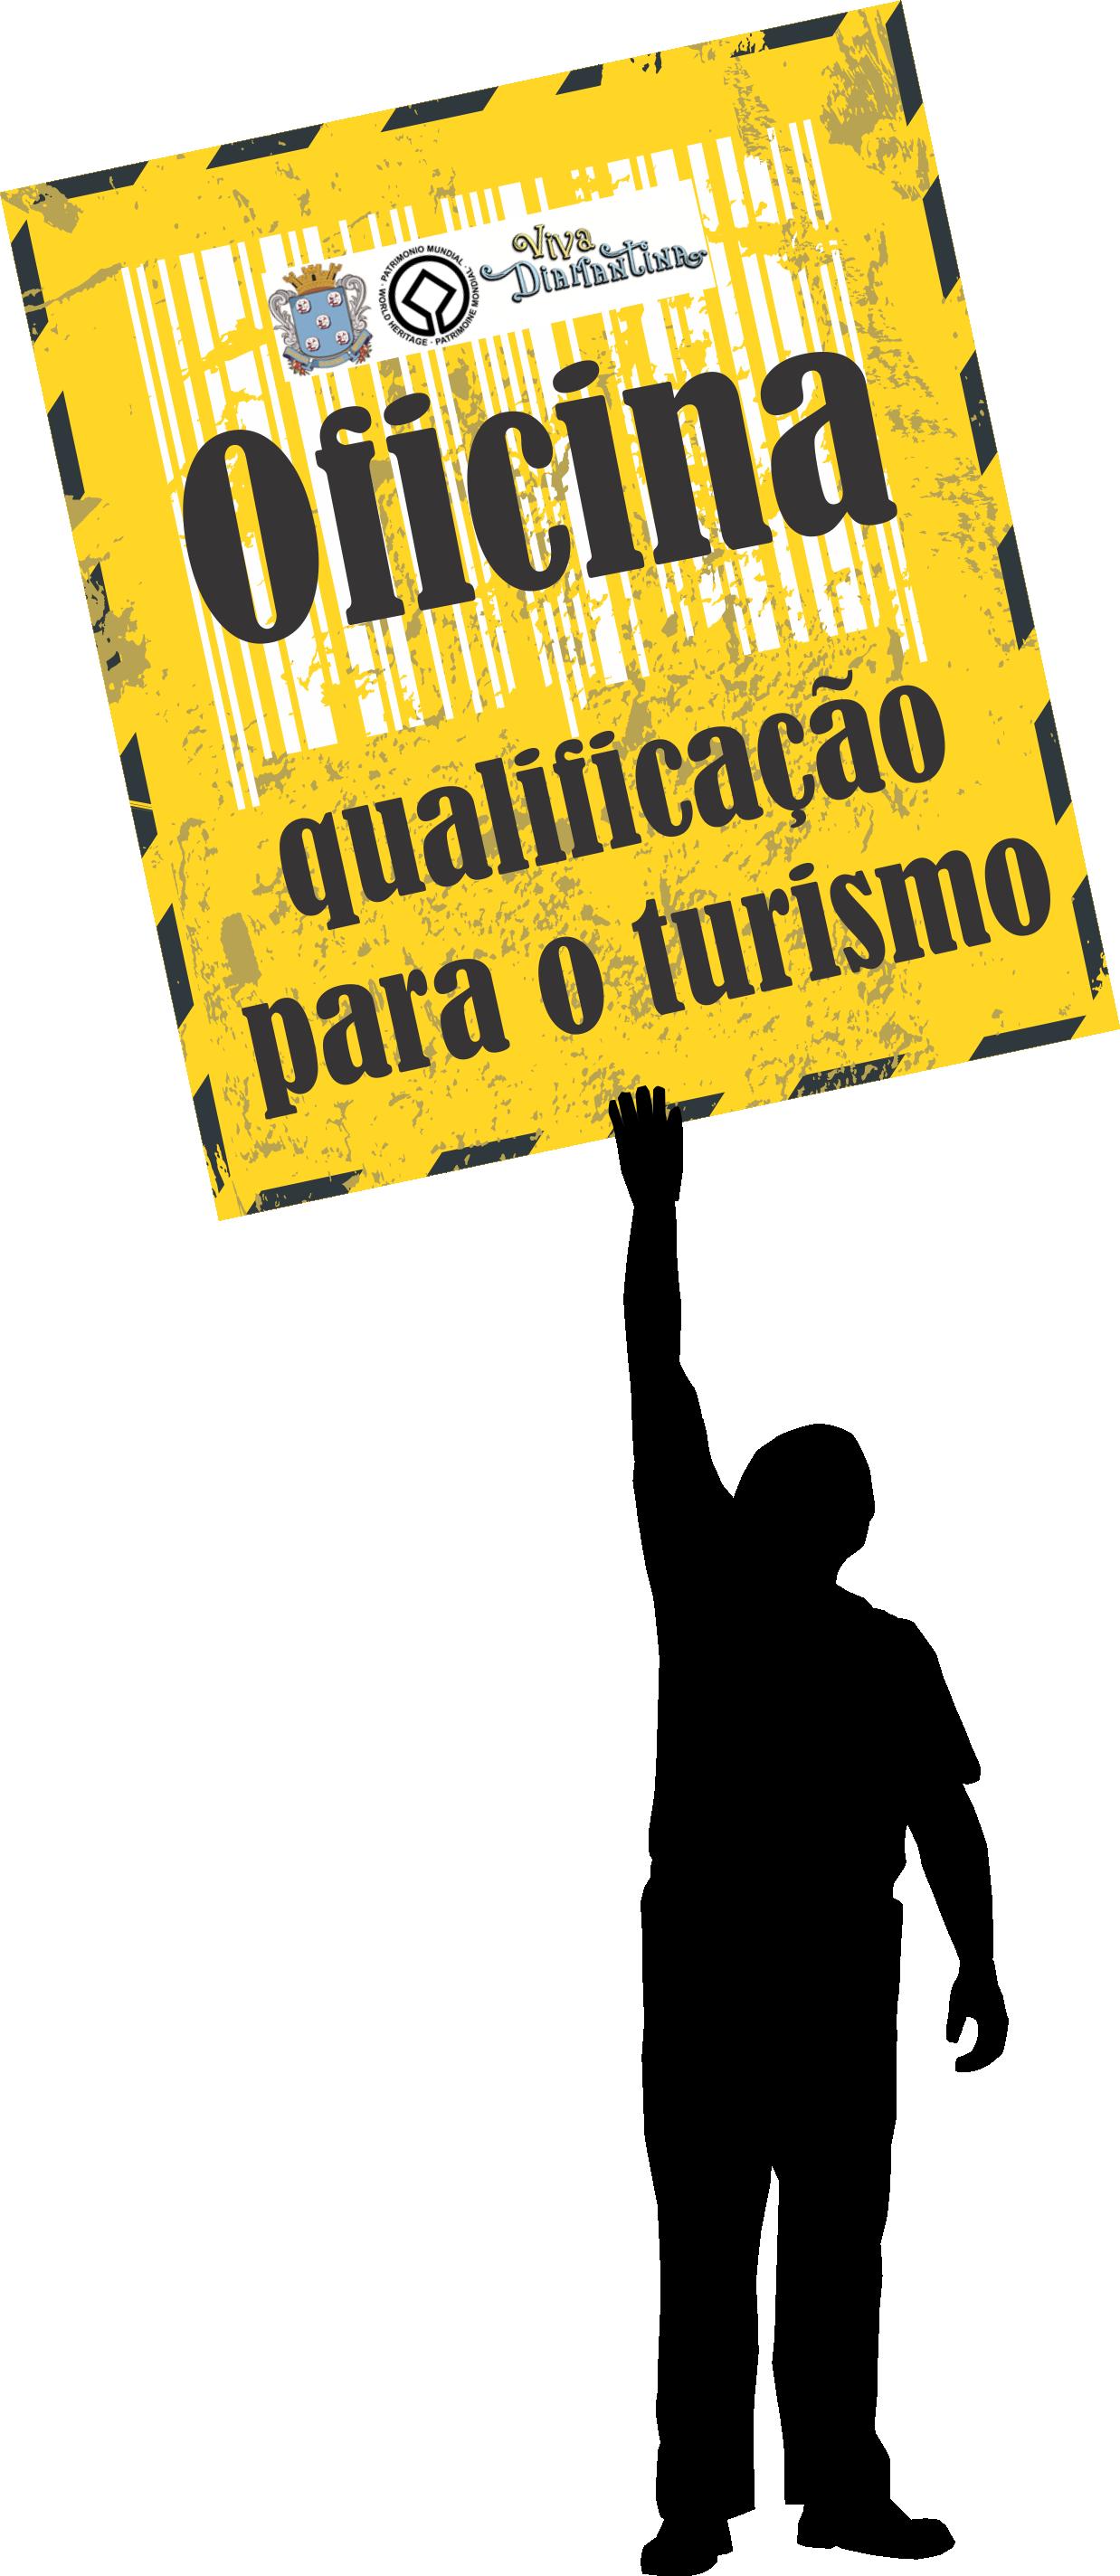 Oficinas Qualificação para o Turismo